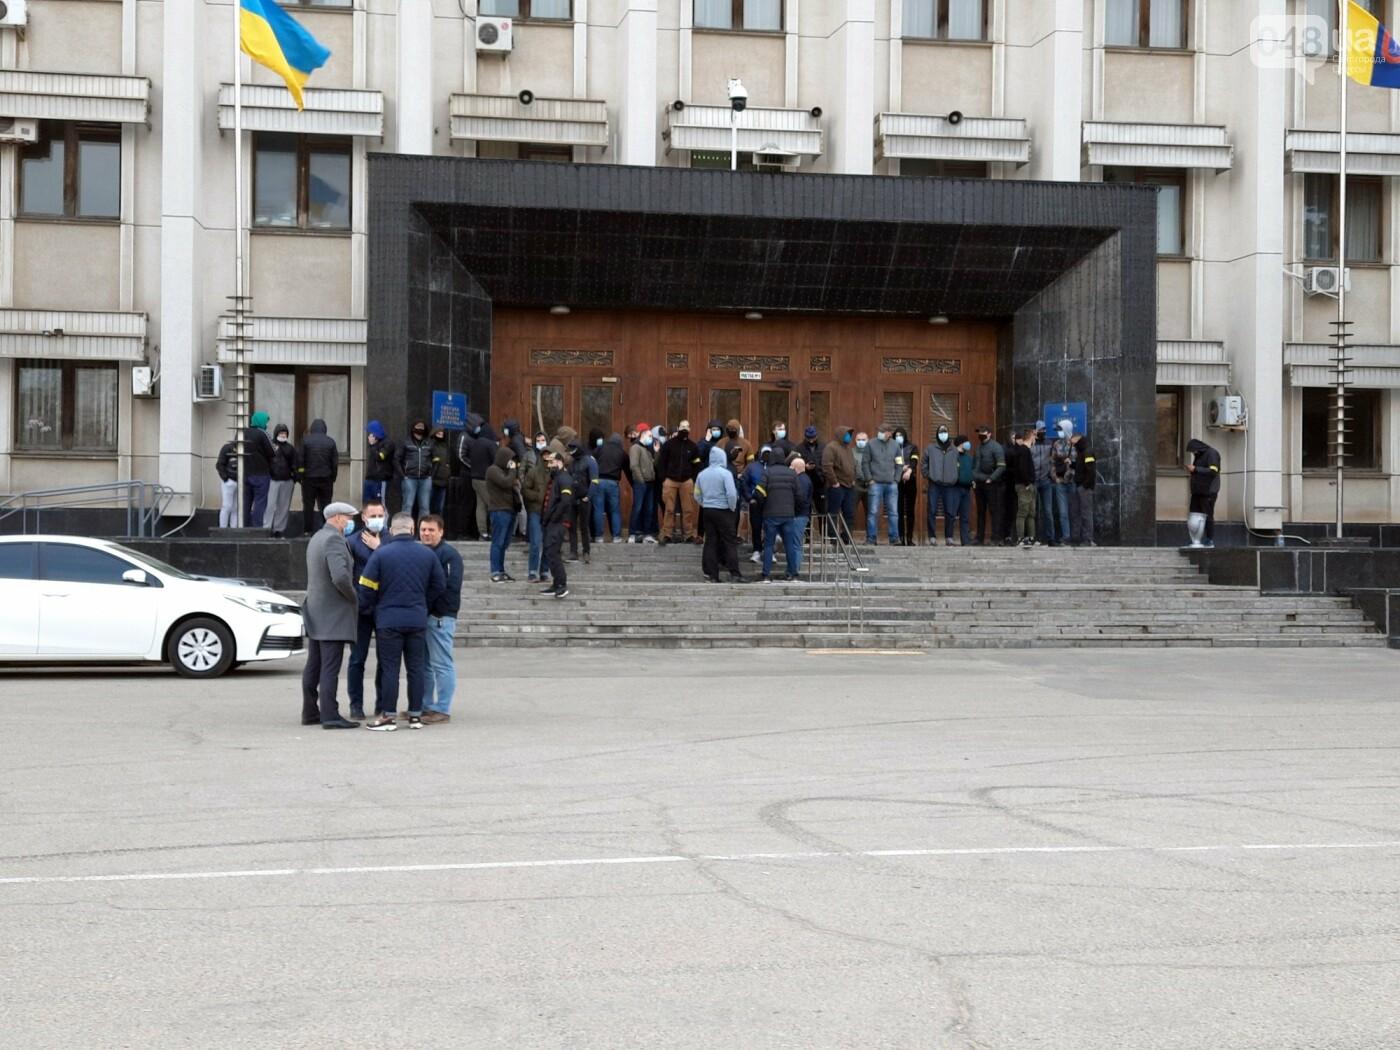 В Одессе неизвестные в масках и балаклавах окружили здание обладминистрации, - ФОТО, фото-4